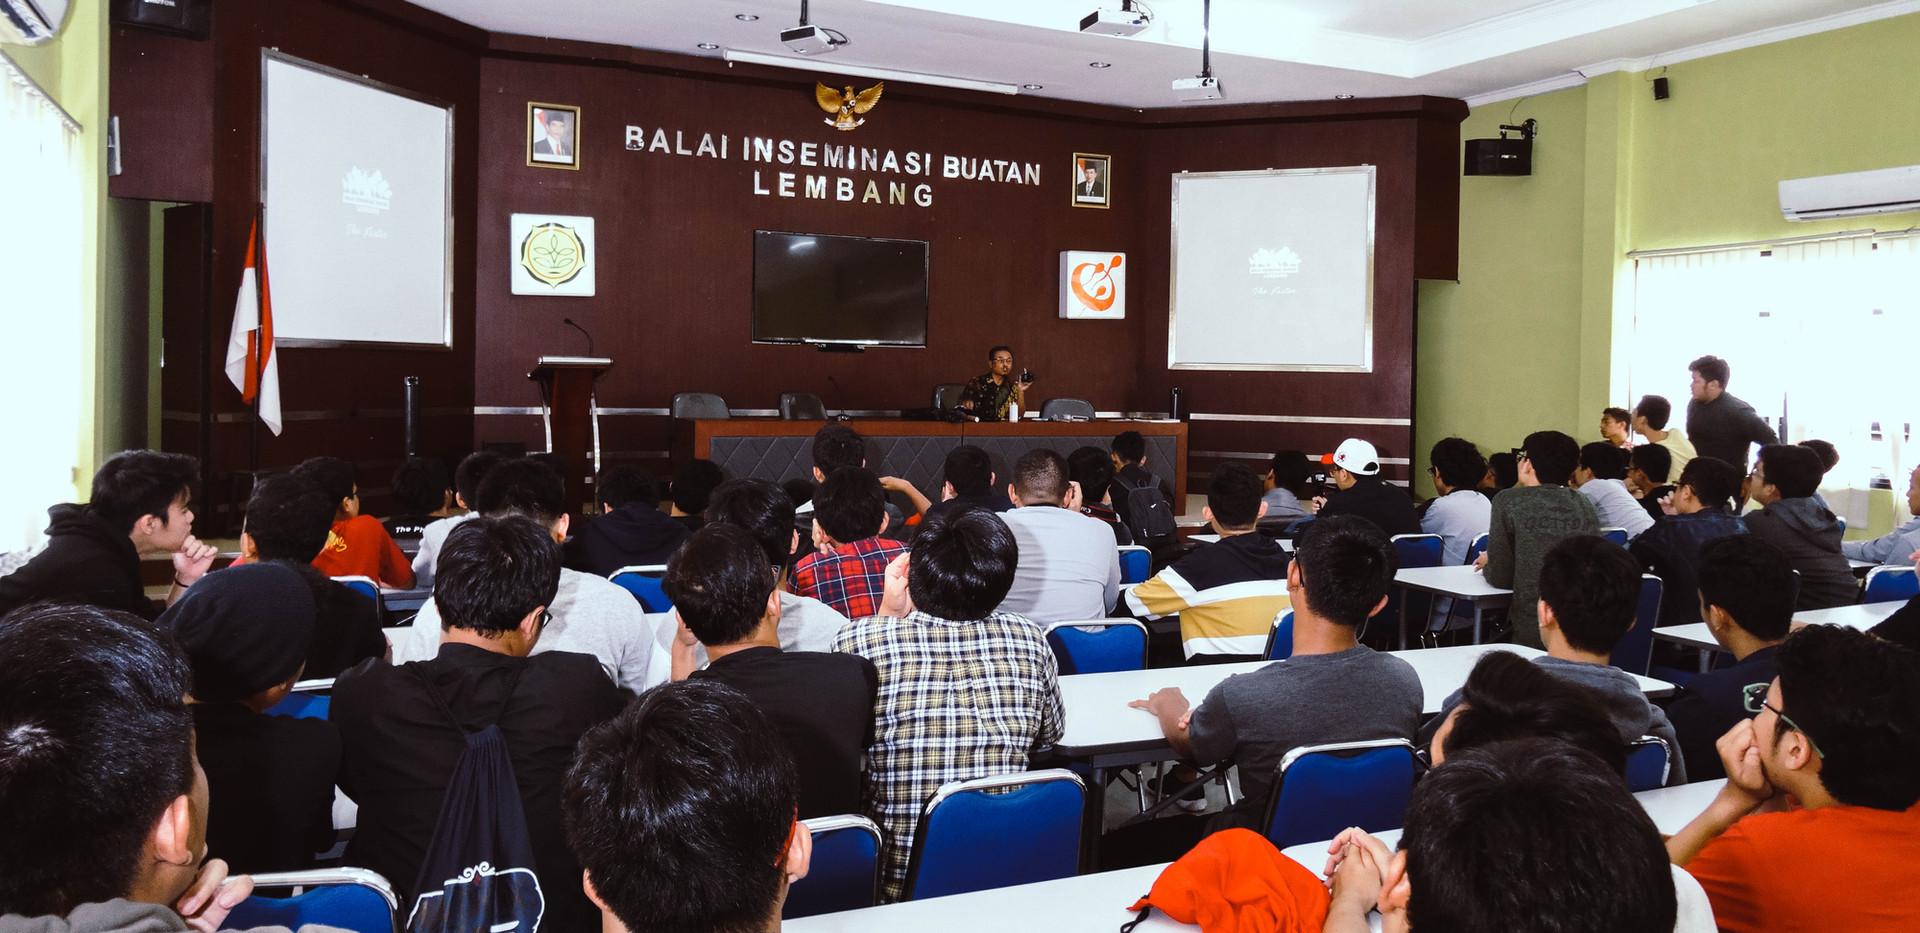 Outing to Balai Inseminasi Buatan Lembang